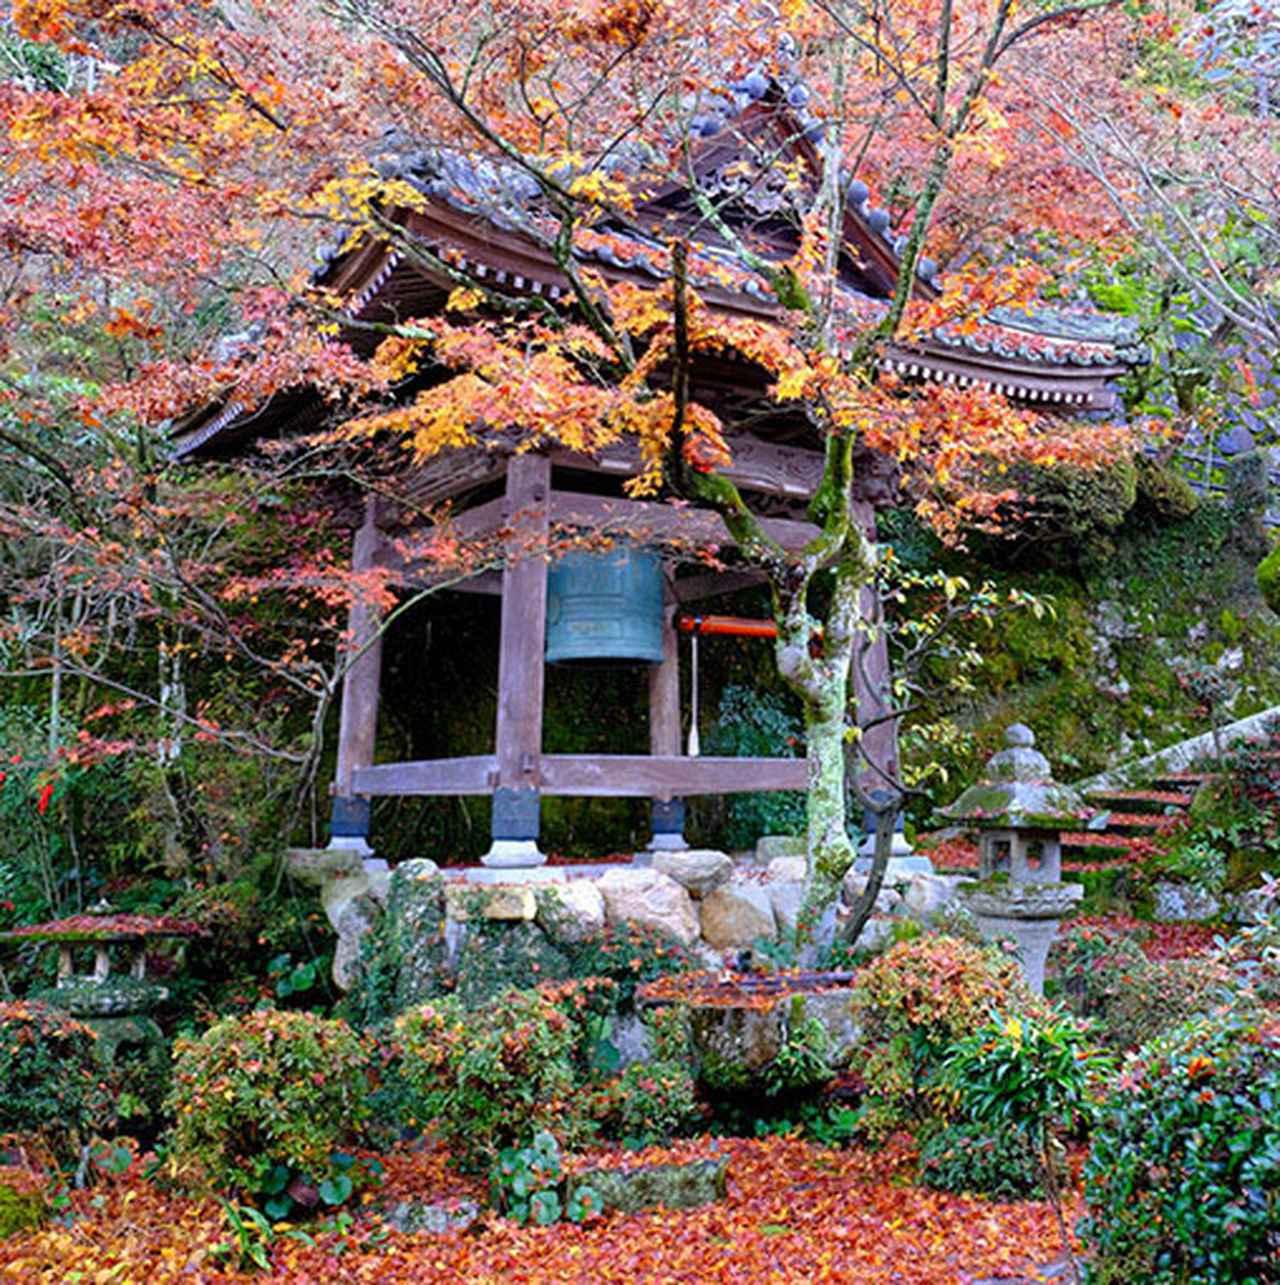 画像: 結構奥まっているので人は少なかったですが、散りもみじがとても美しいお寺でした。